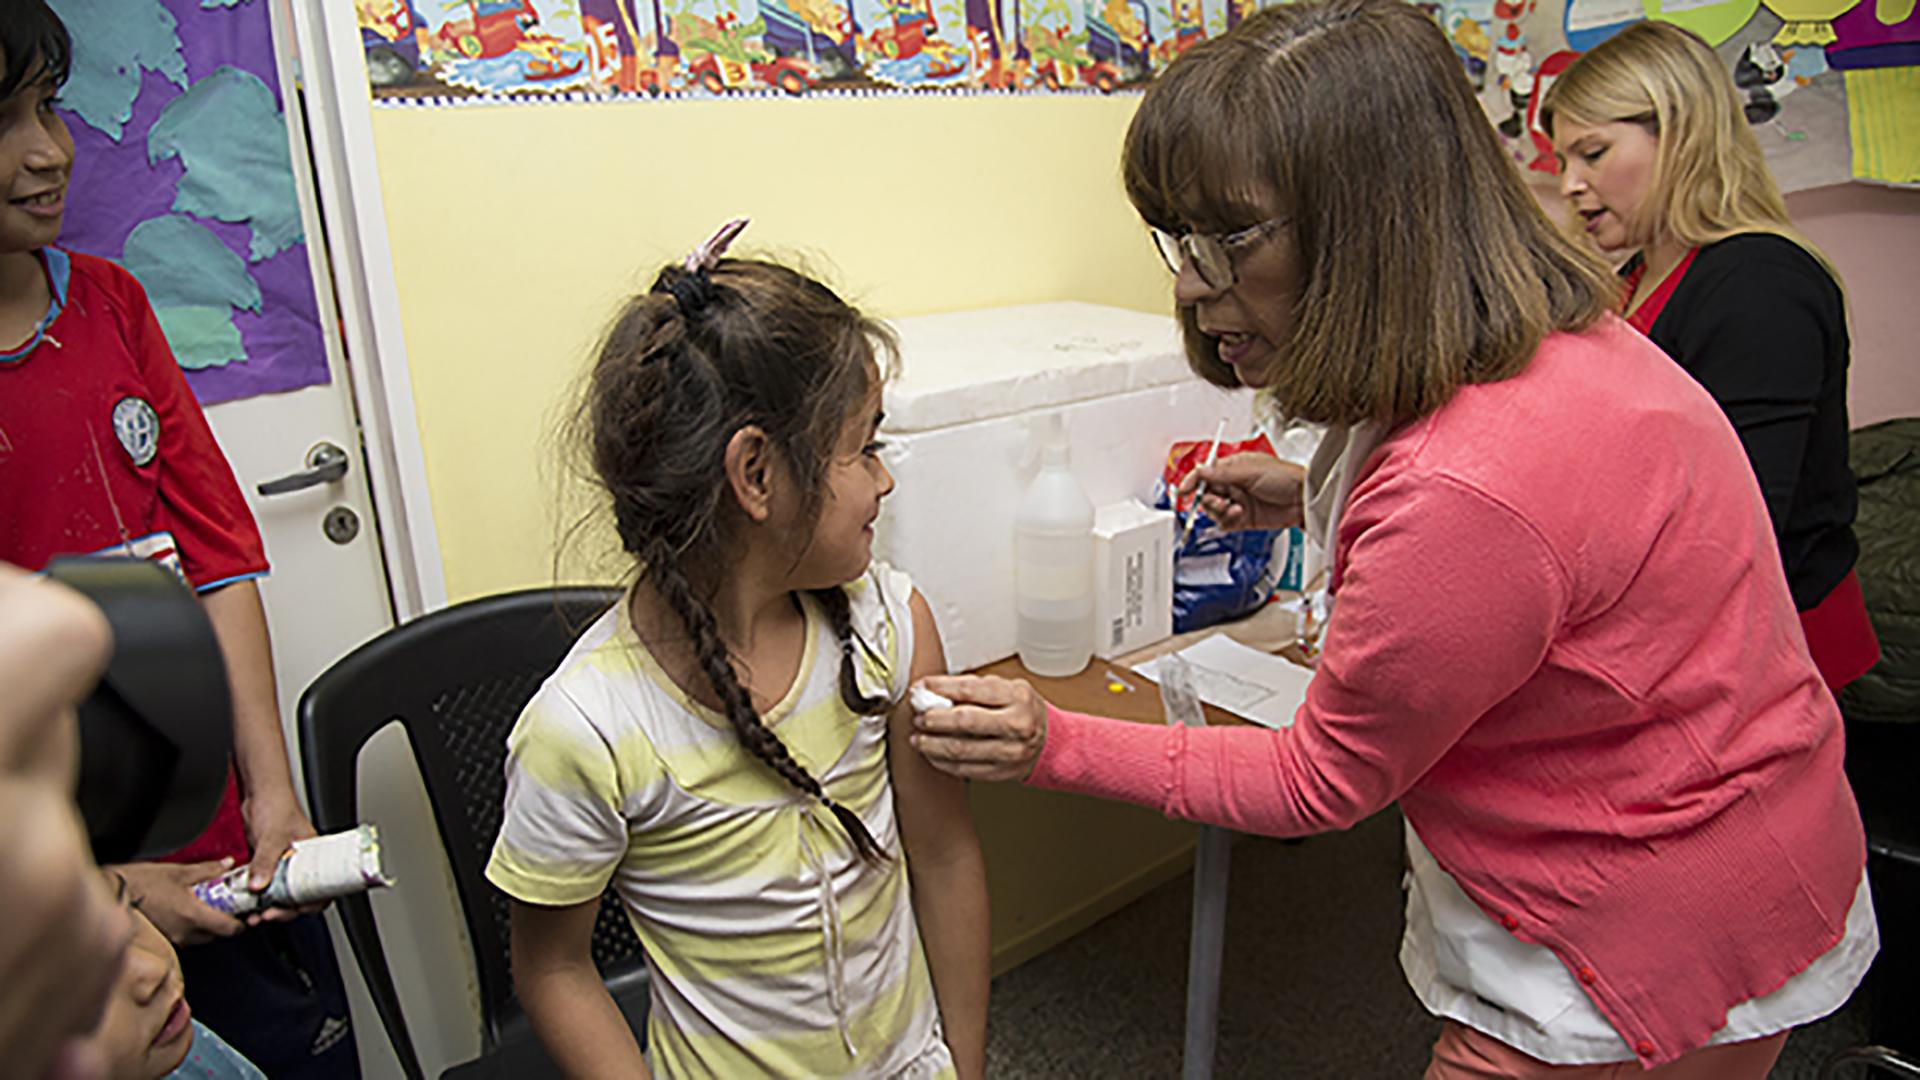 La infección causada por el virus sólo se previene con la vacuna,